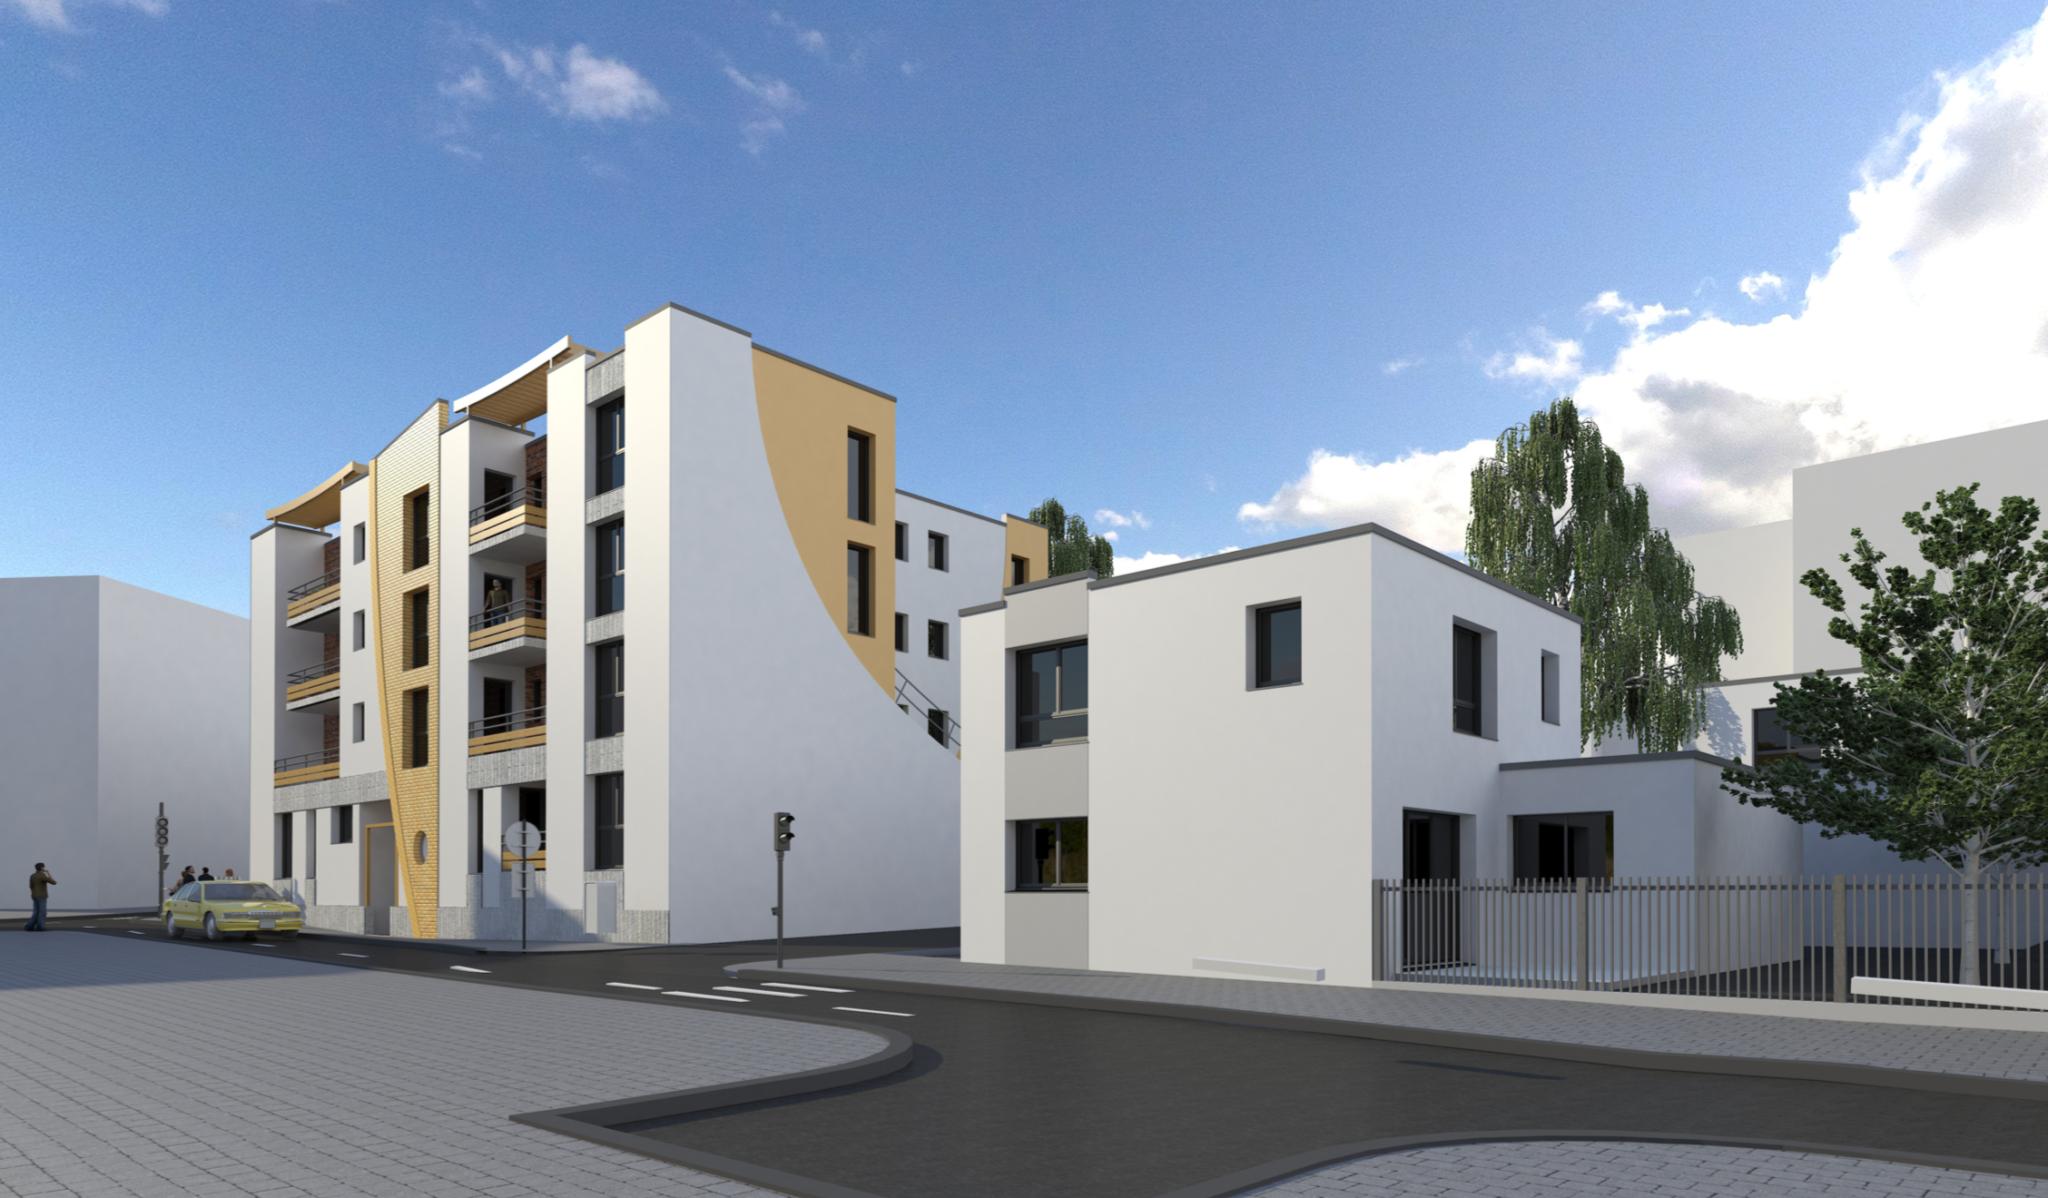 Plan 3D d'une vue côté rue du réaménagement urbain avec logement collectif en banlieue parisienne